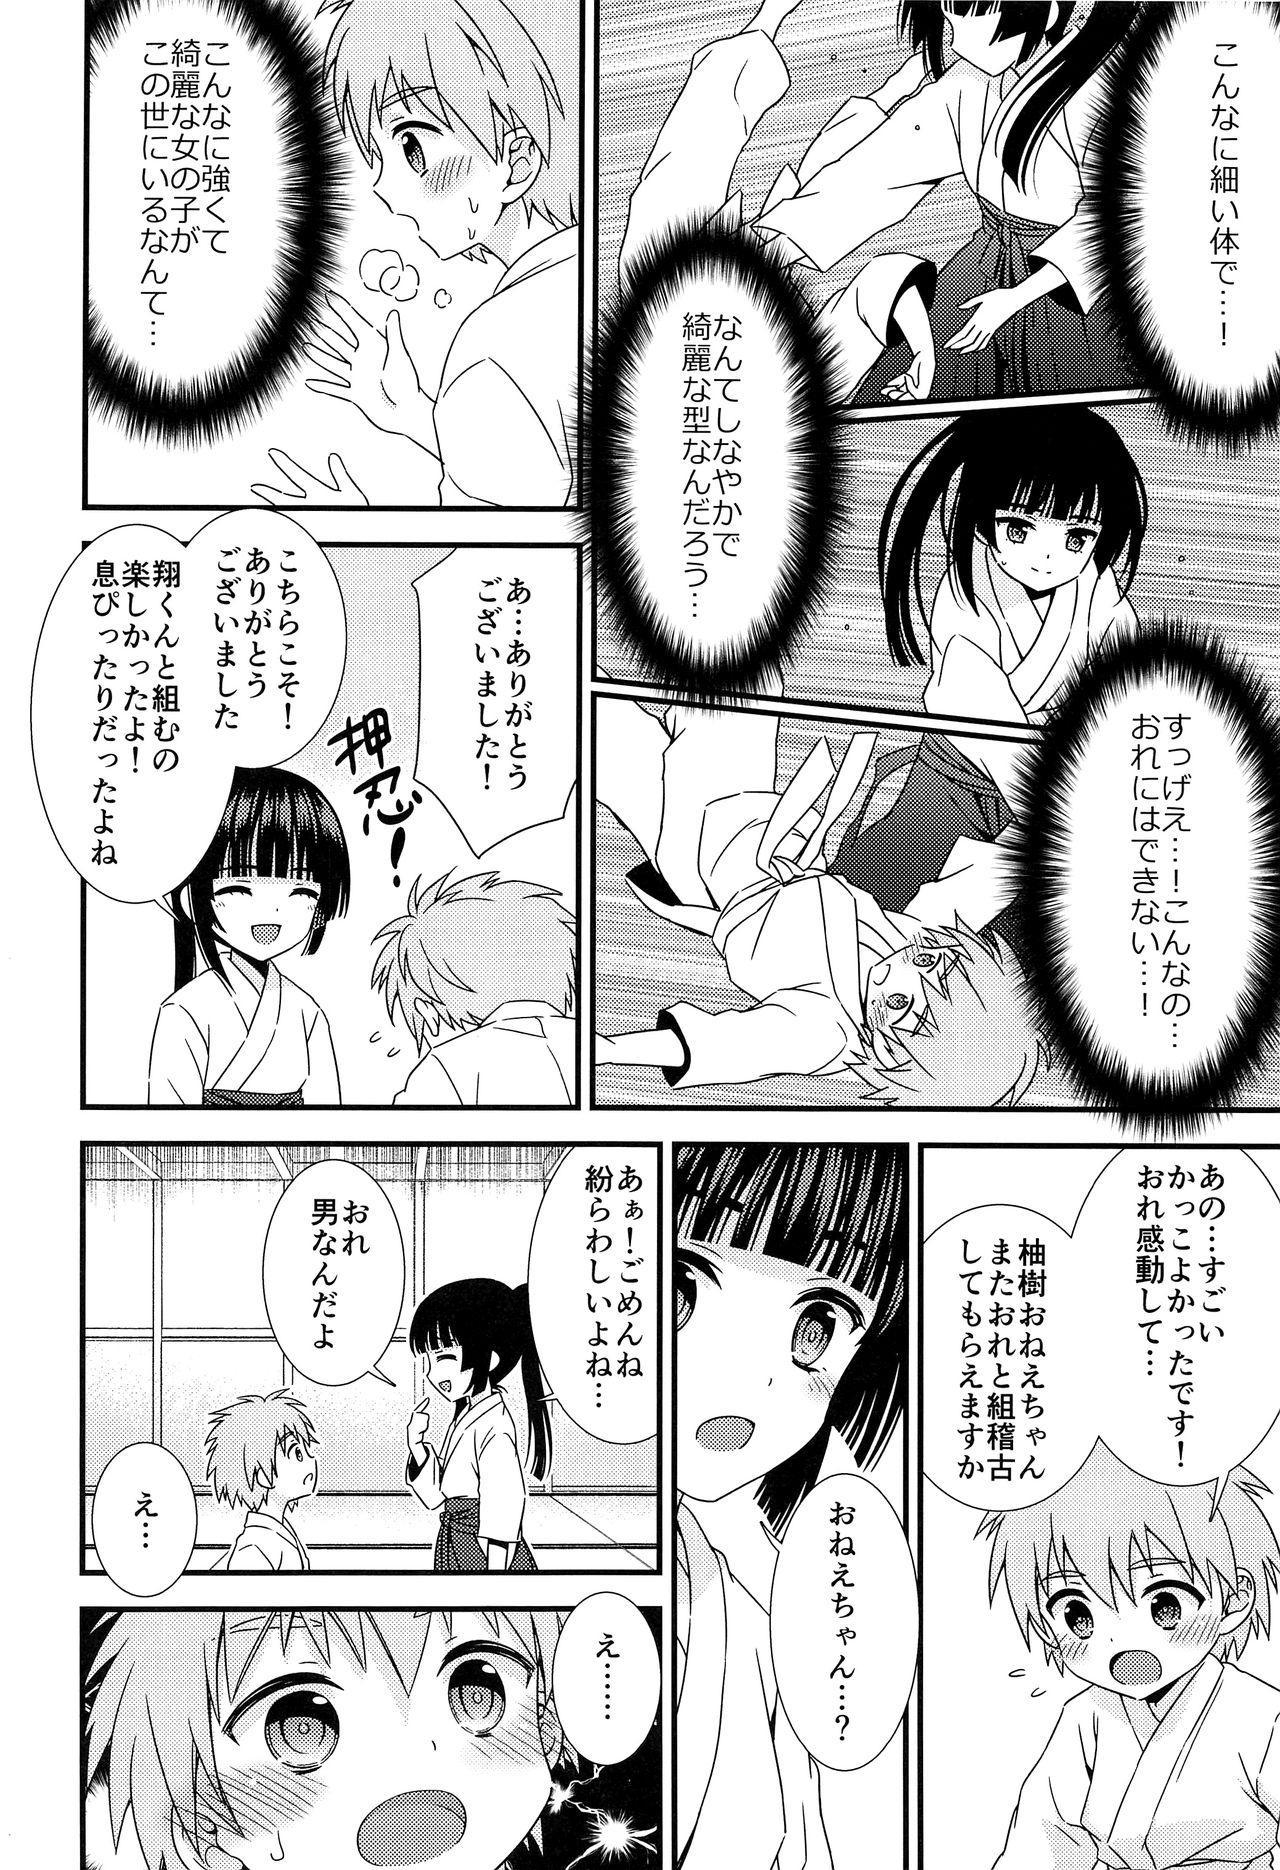 Shounen Festa 47